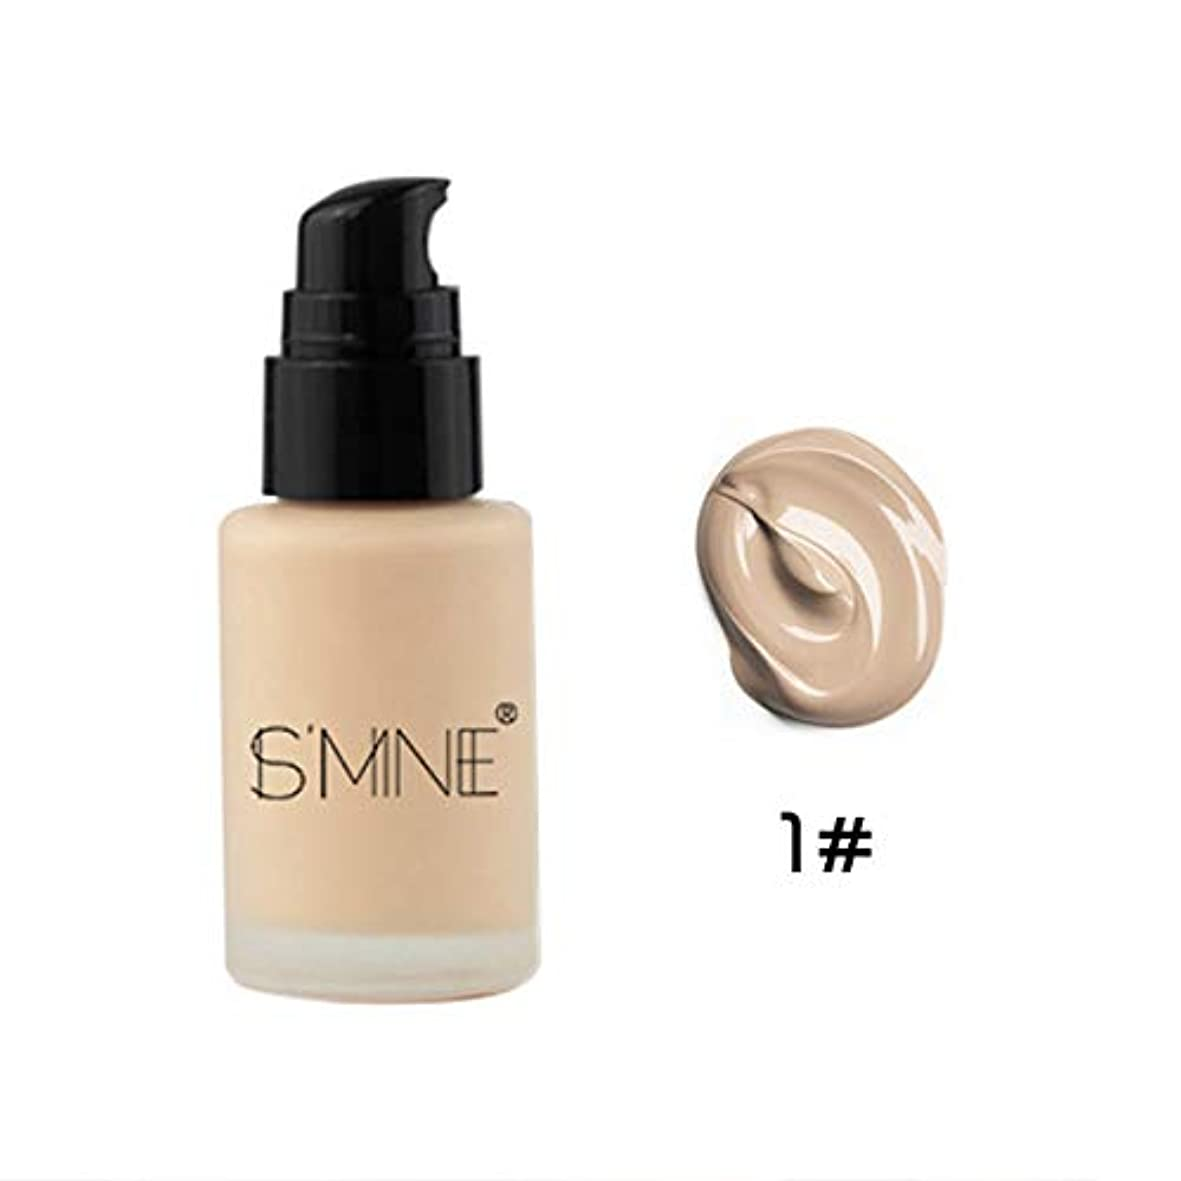 ビーズビバ大人Symboat BBクリーム 女性 フェイスコンシーラー 美白 保湿 防水 ロングラスティングメイクアップ 健康的な自然な肌色 素肌感 化粧品